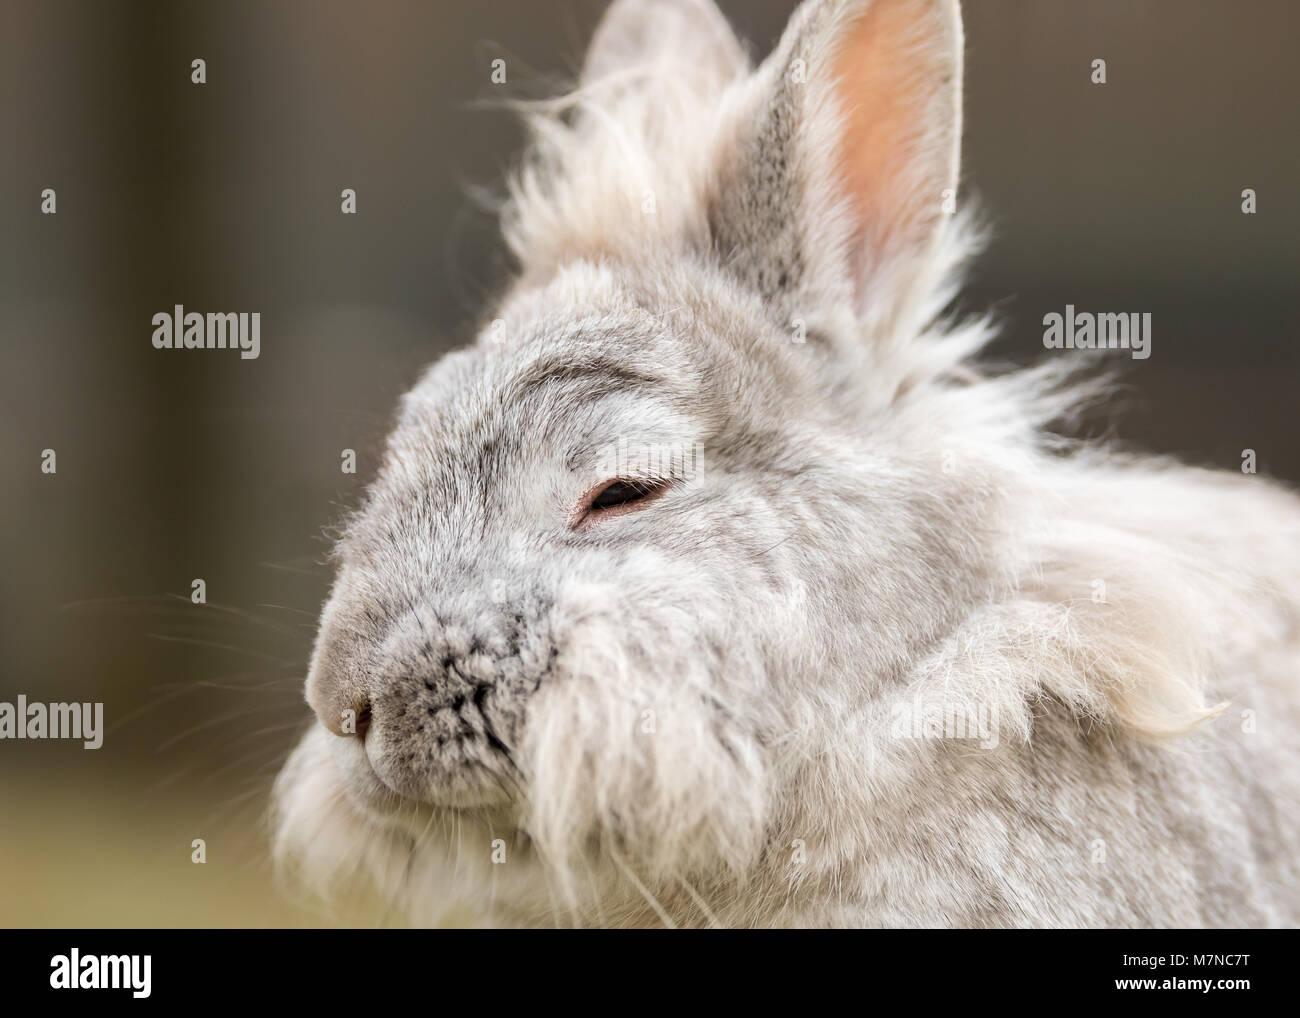 A portrait of a white dwarf rabbit (lions head) Stock Photo